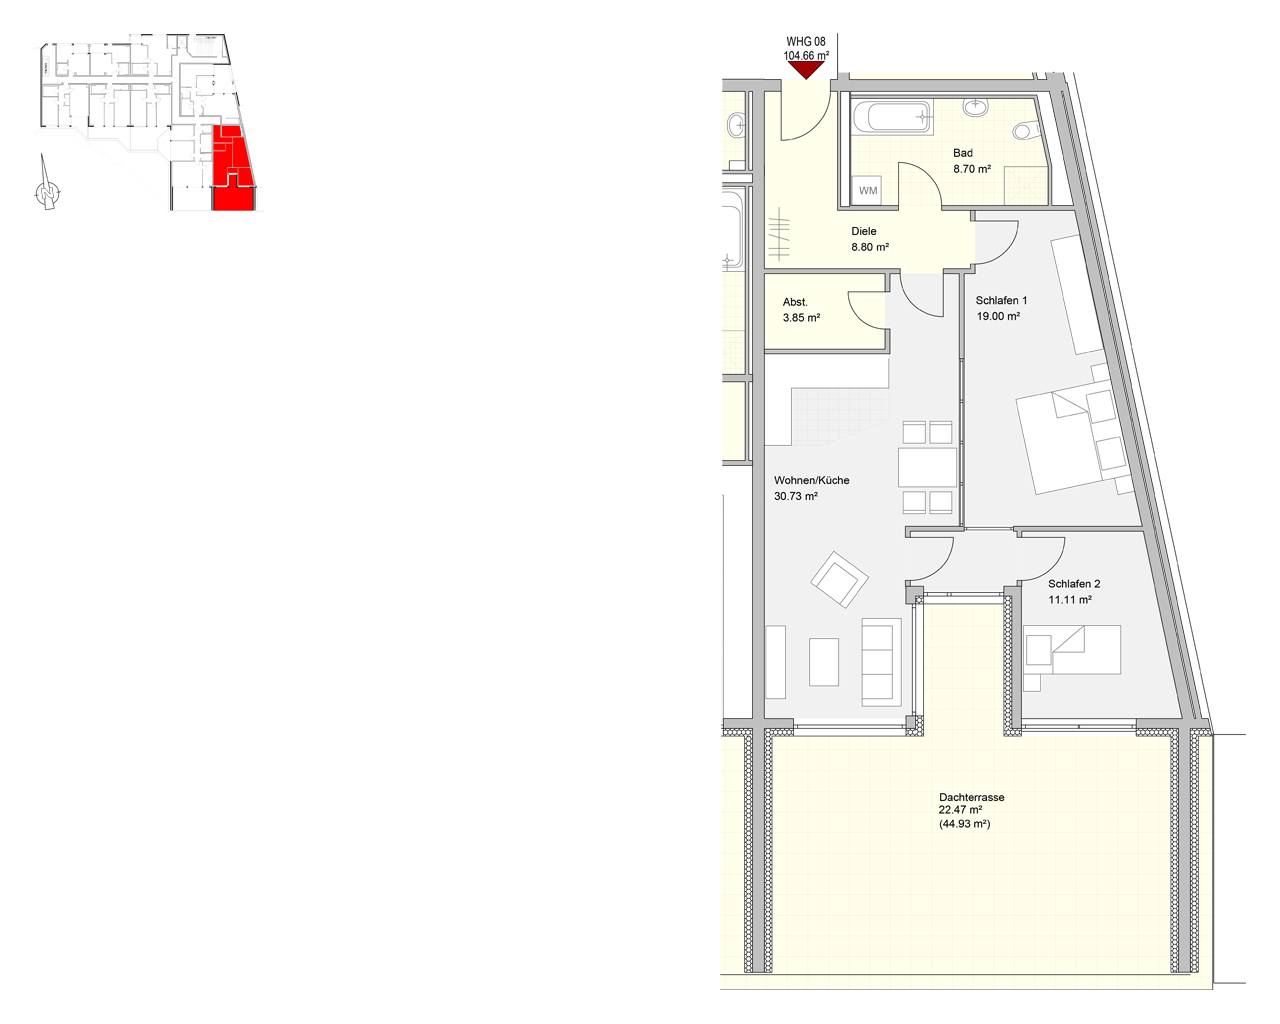 Bliespromenade Nr. 08 - 3.OG - 3 Zimmer - 104,66 m² - Kaltmiete 850,00 € - Nebenkosten 210,00 €